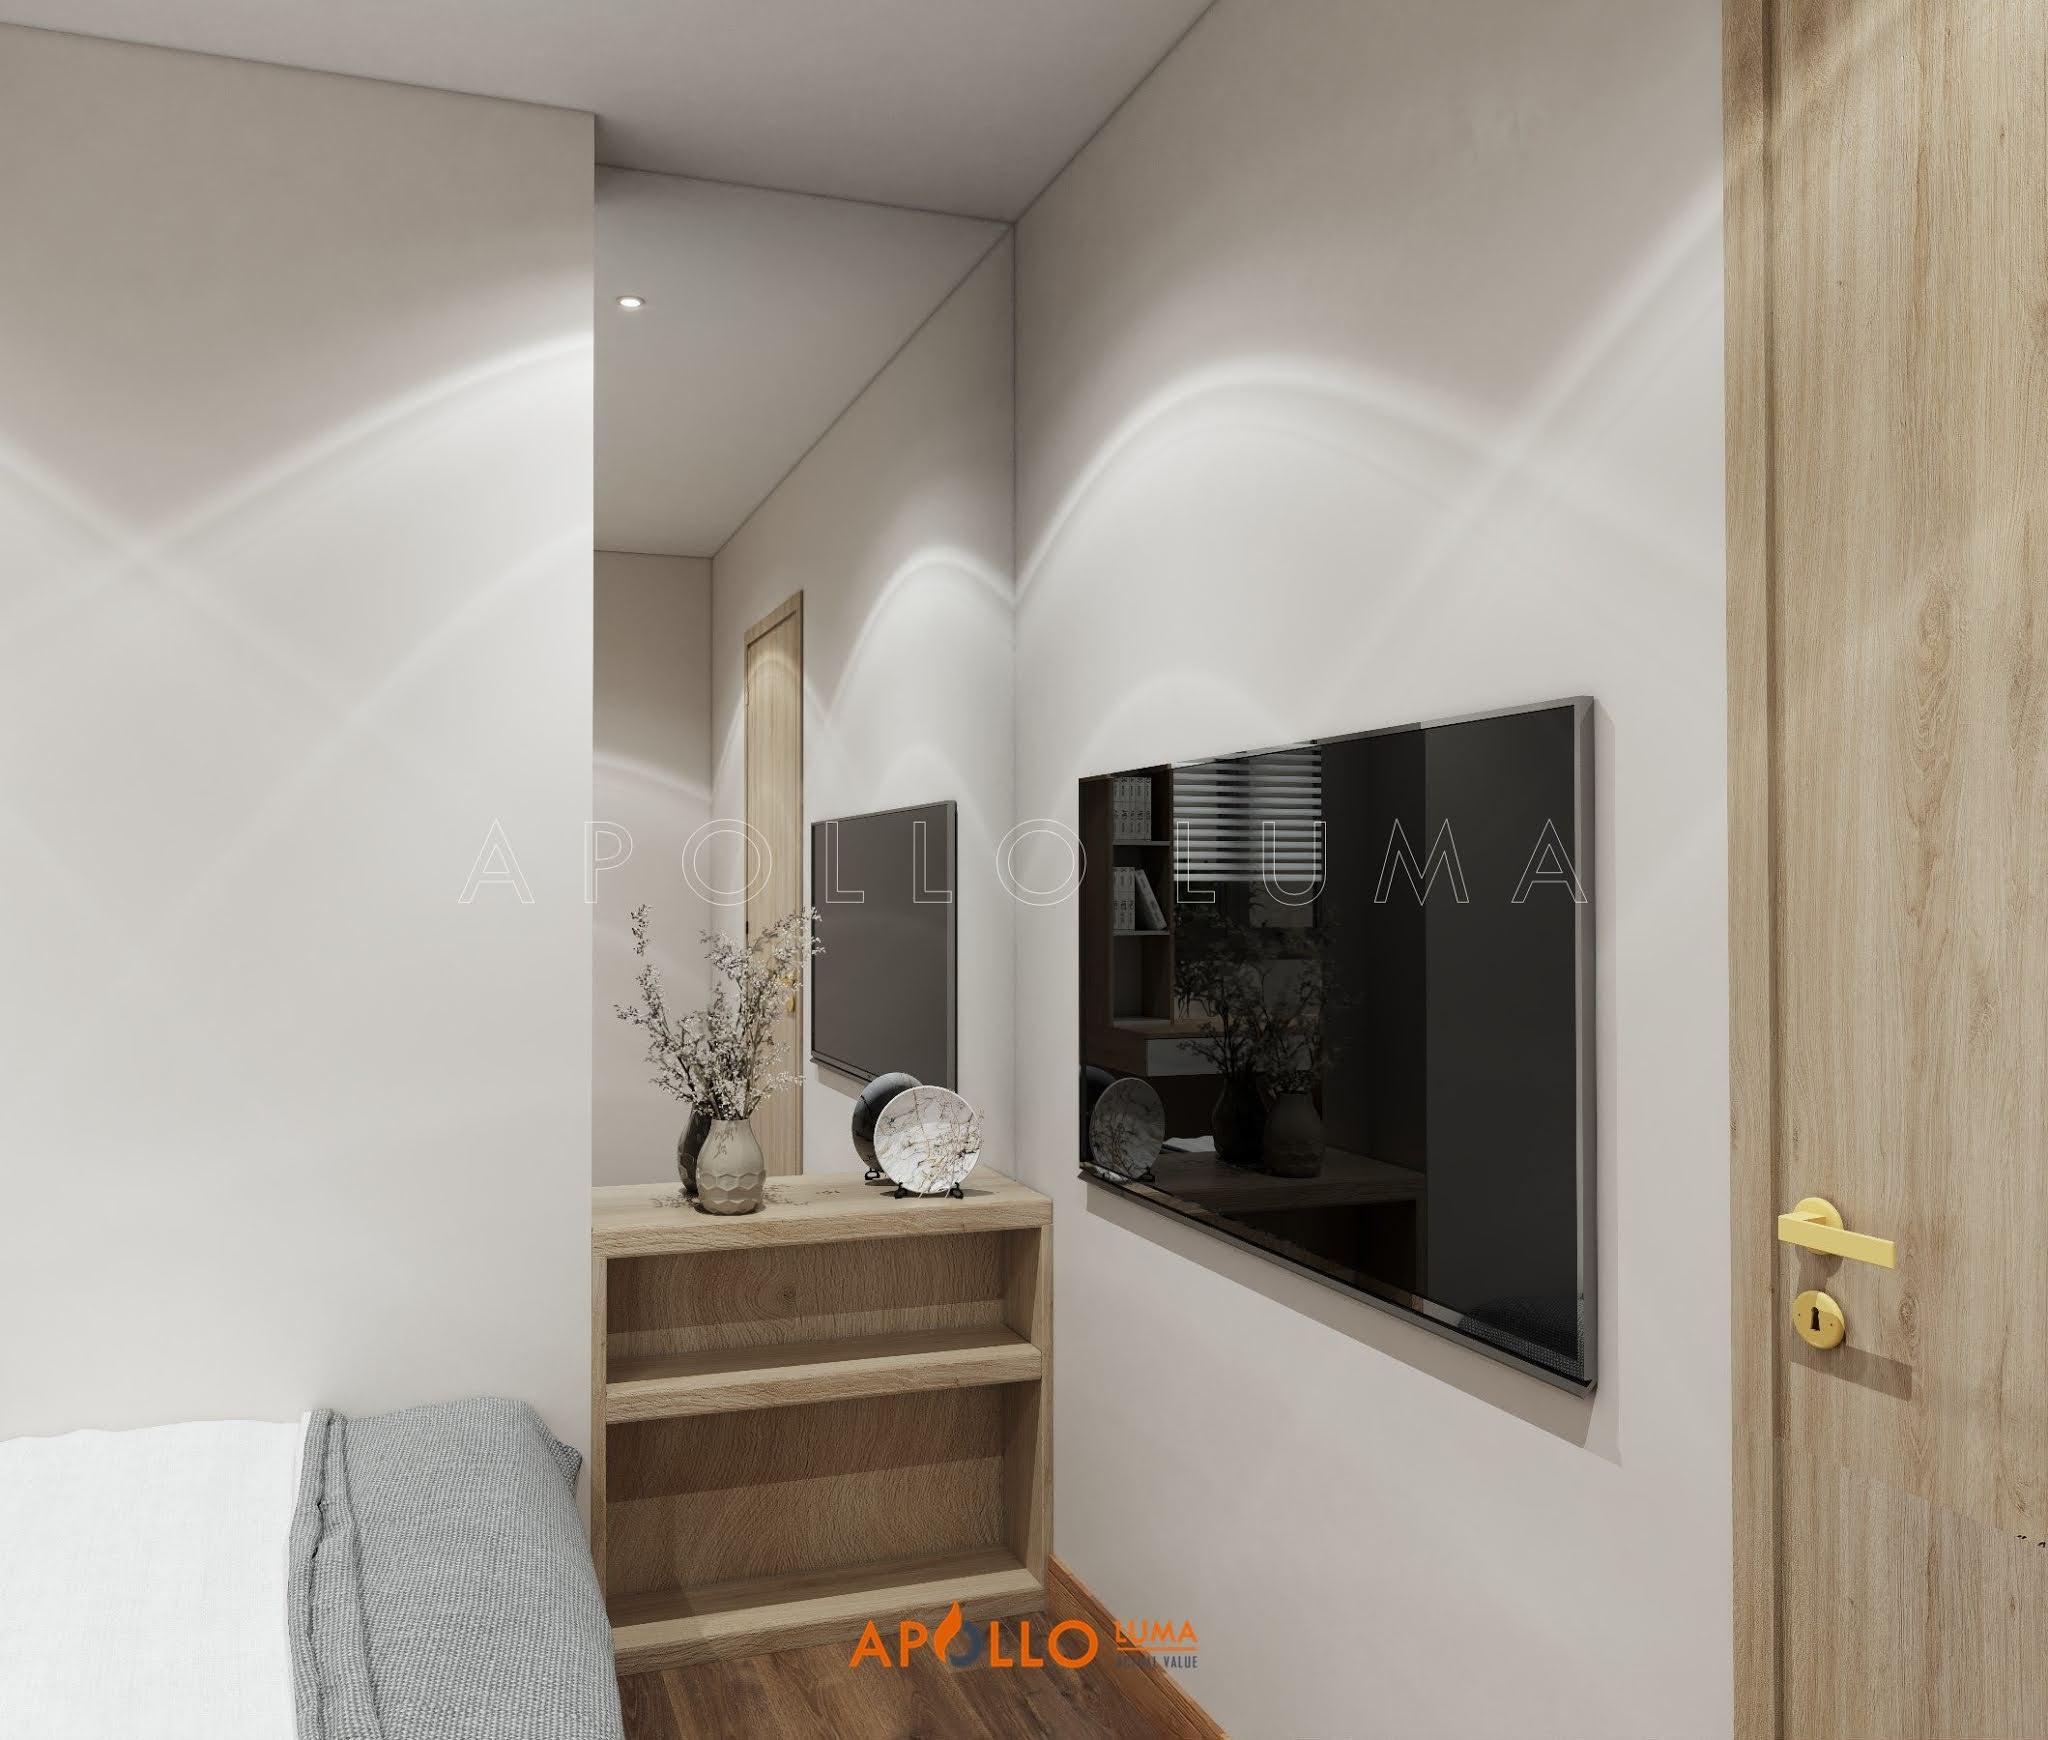 Thiết kế nội thất phòng ngủ: Tủ quần áo khung nhôm cánh kính cao cấp